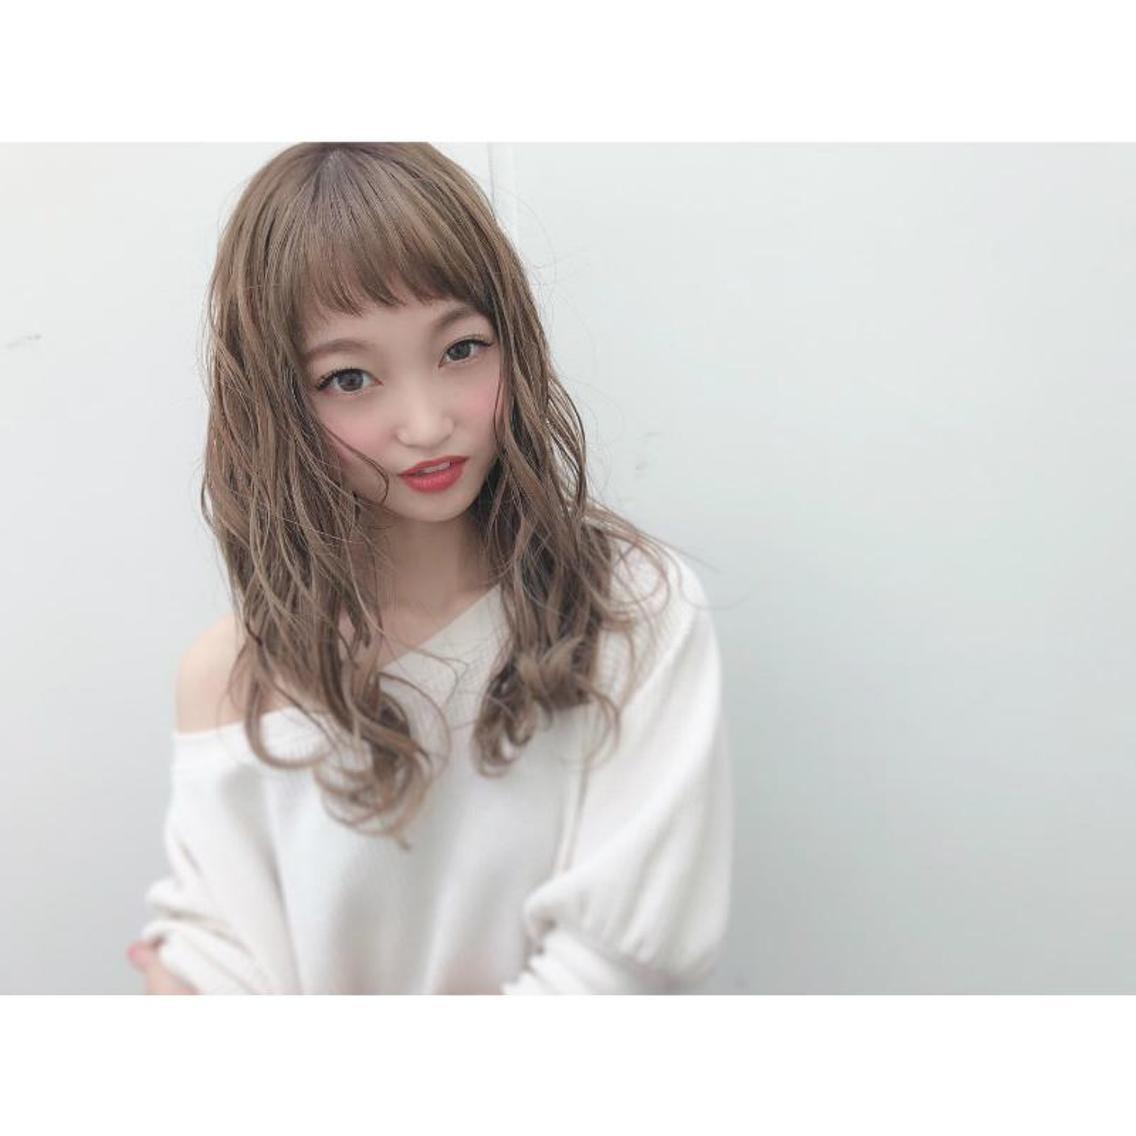 ベッキーラッシュ 札幌店所属・佐藤 あやめの掲載